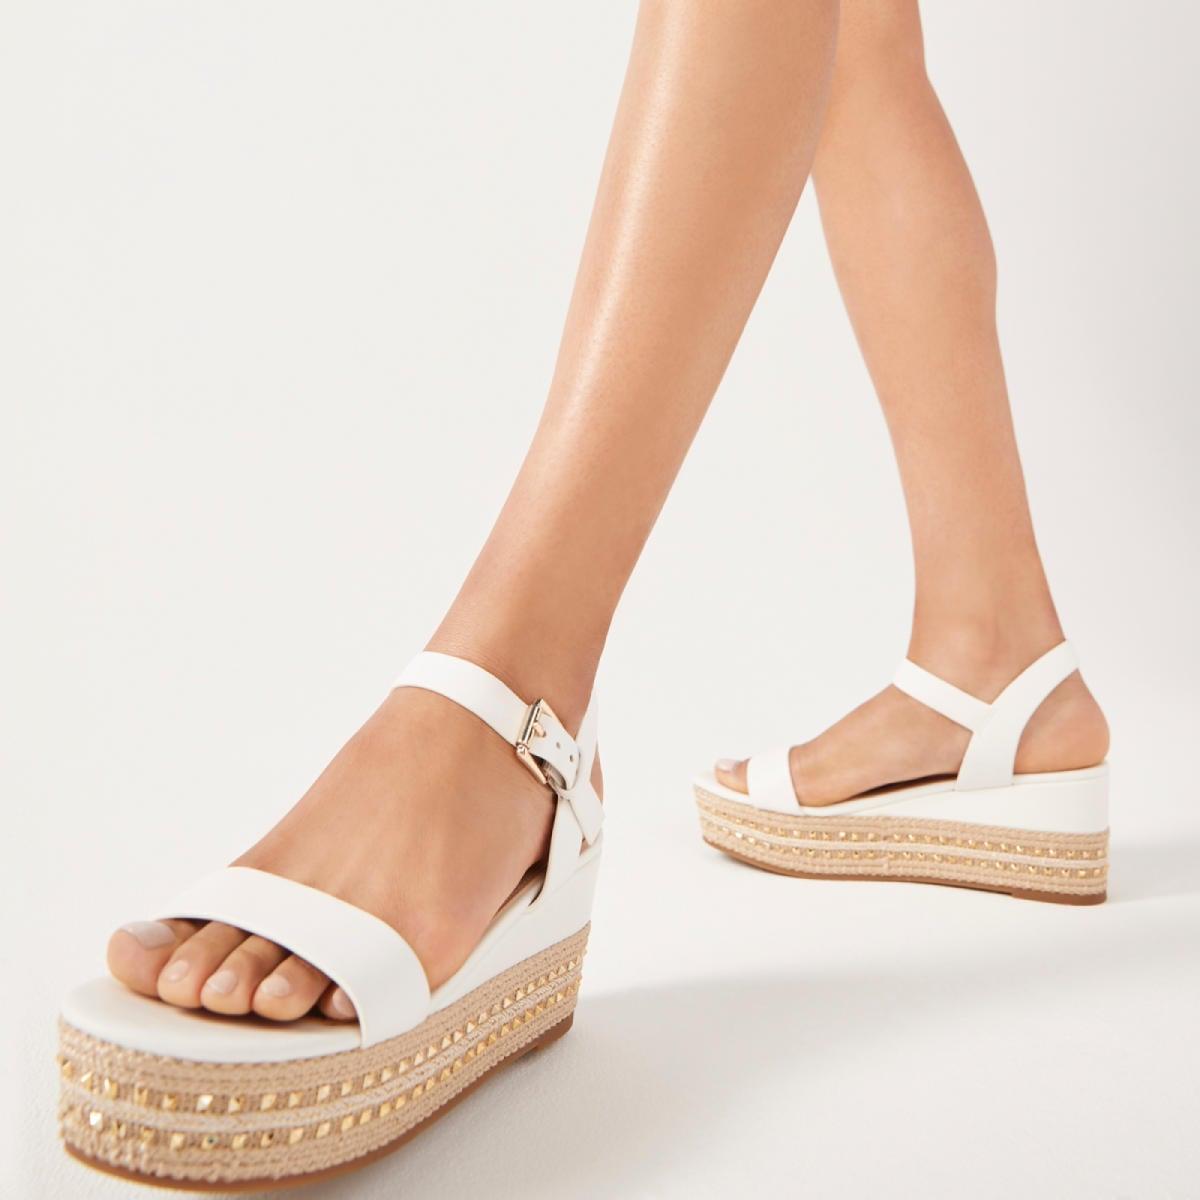 Mauma White Women's Sandals | ALDO US